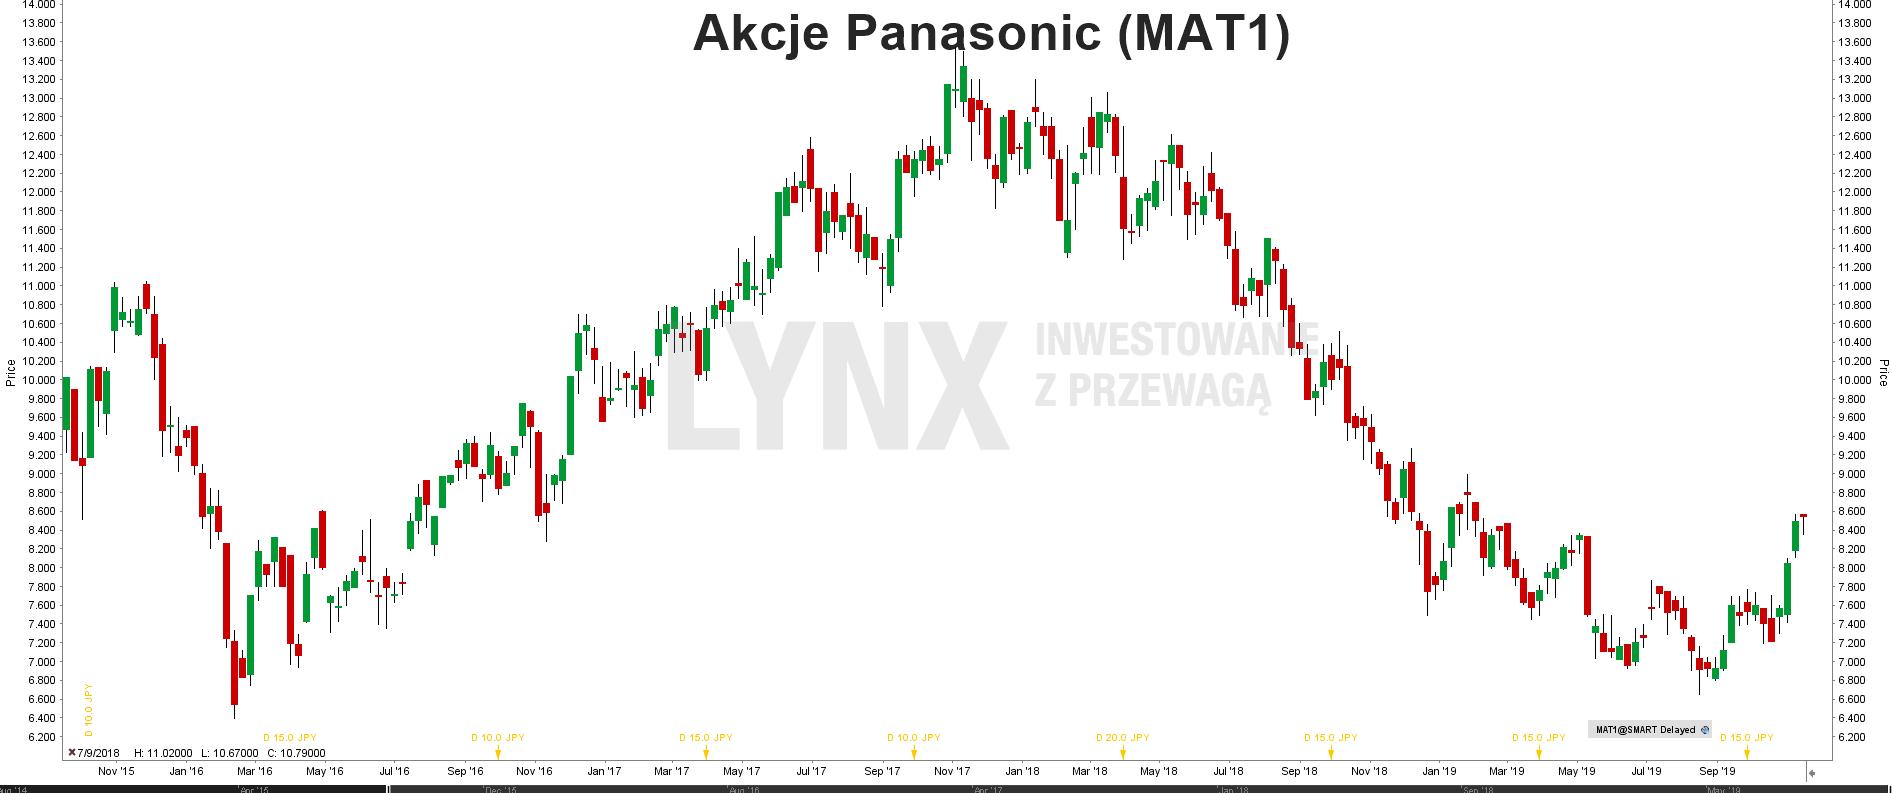 Akcje Panasonic